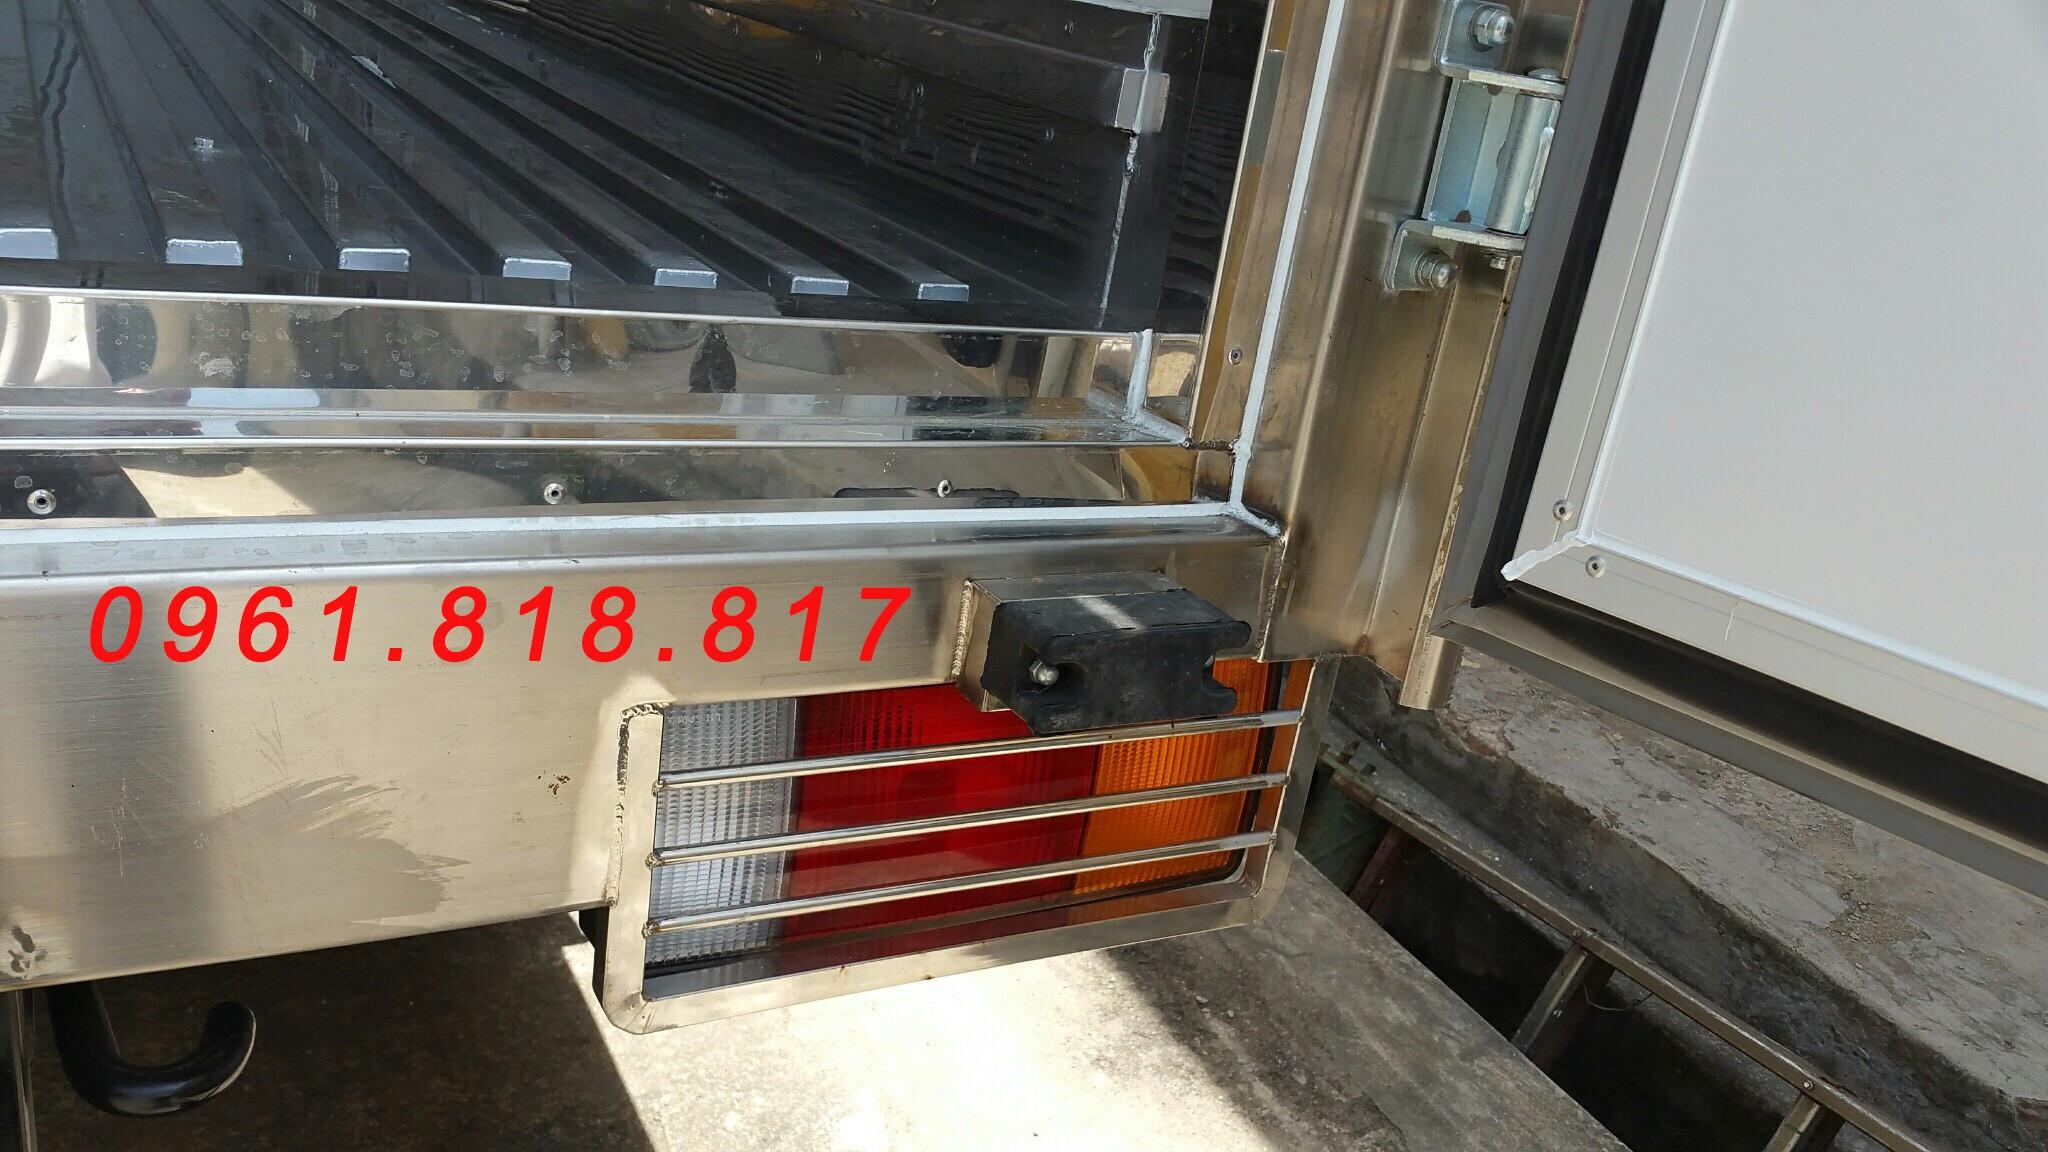 Xe tải Đồng Vàng 7 tấn HD700 lắp ráp 3 cục Hyundai Hàn Quốc đóng thùng ĐÔNG LẠNH Ảnh số 39961351